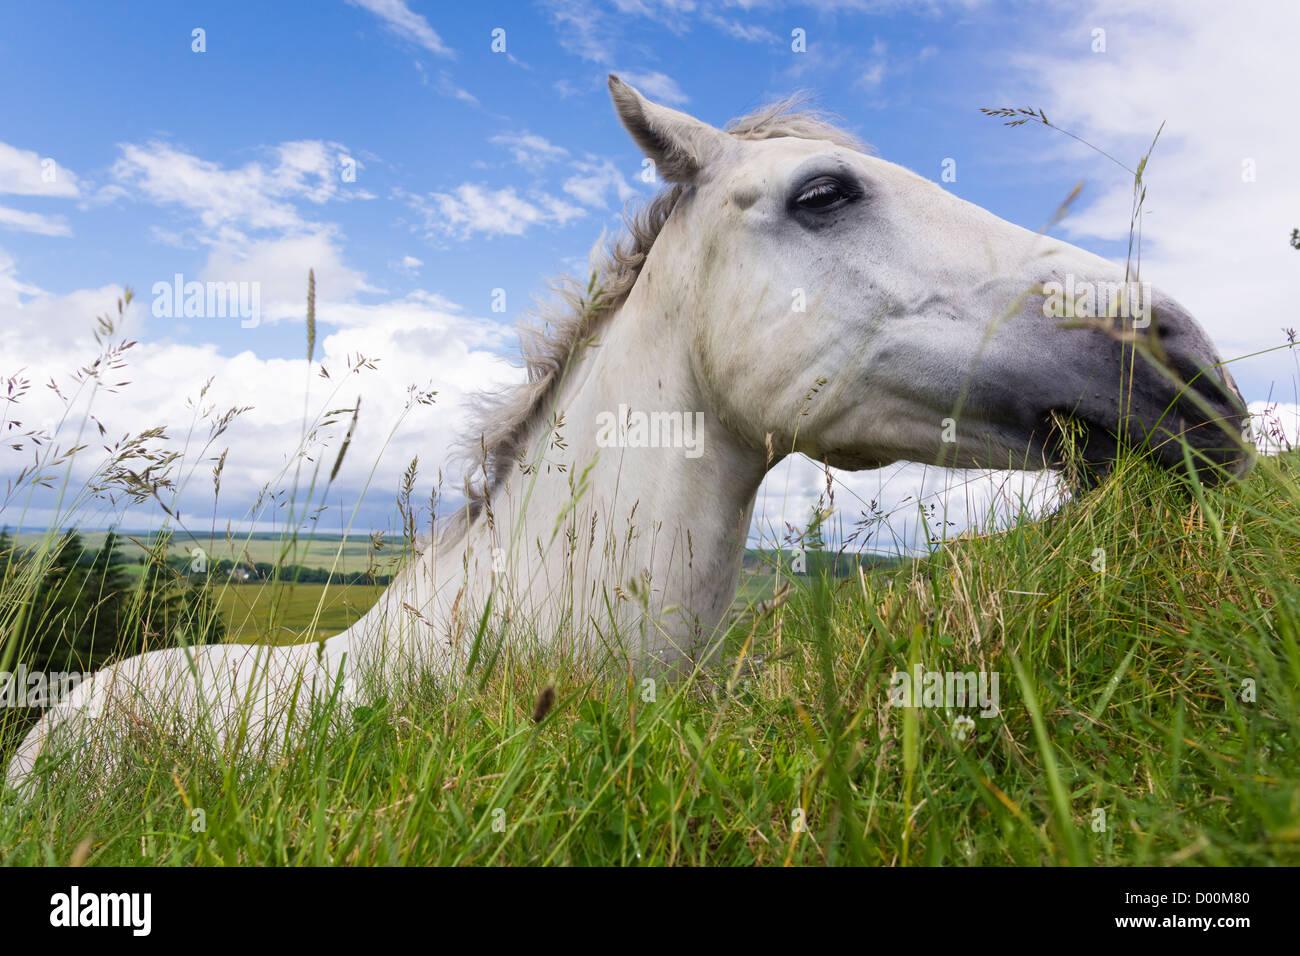 Un caballo comiendo hierba fresca creciente en la parte superior de la muralla de Adriano, Northumberland, Inglaterra, Imagen De Stock